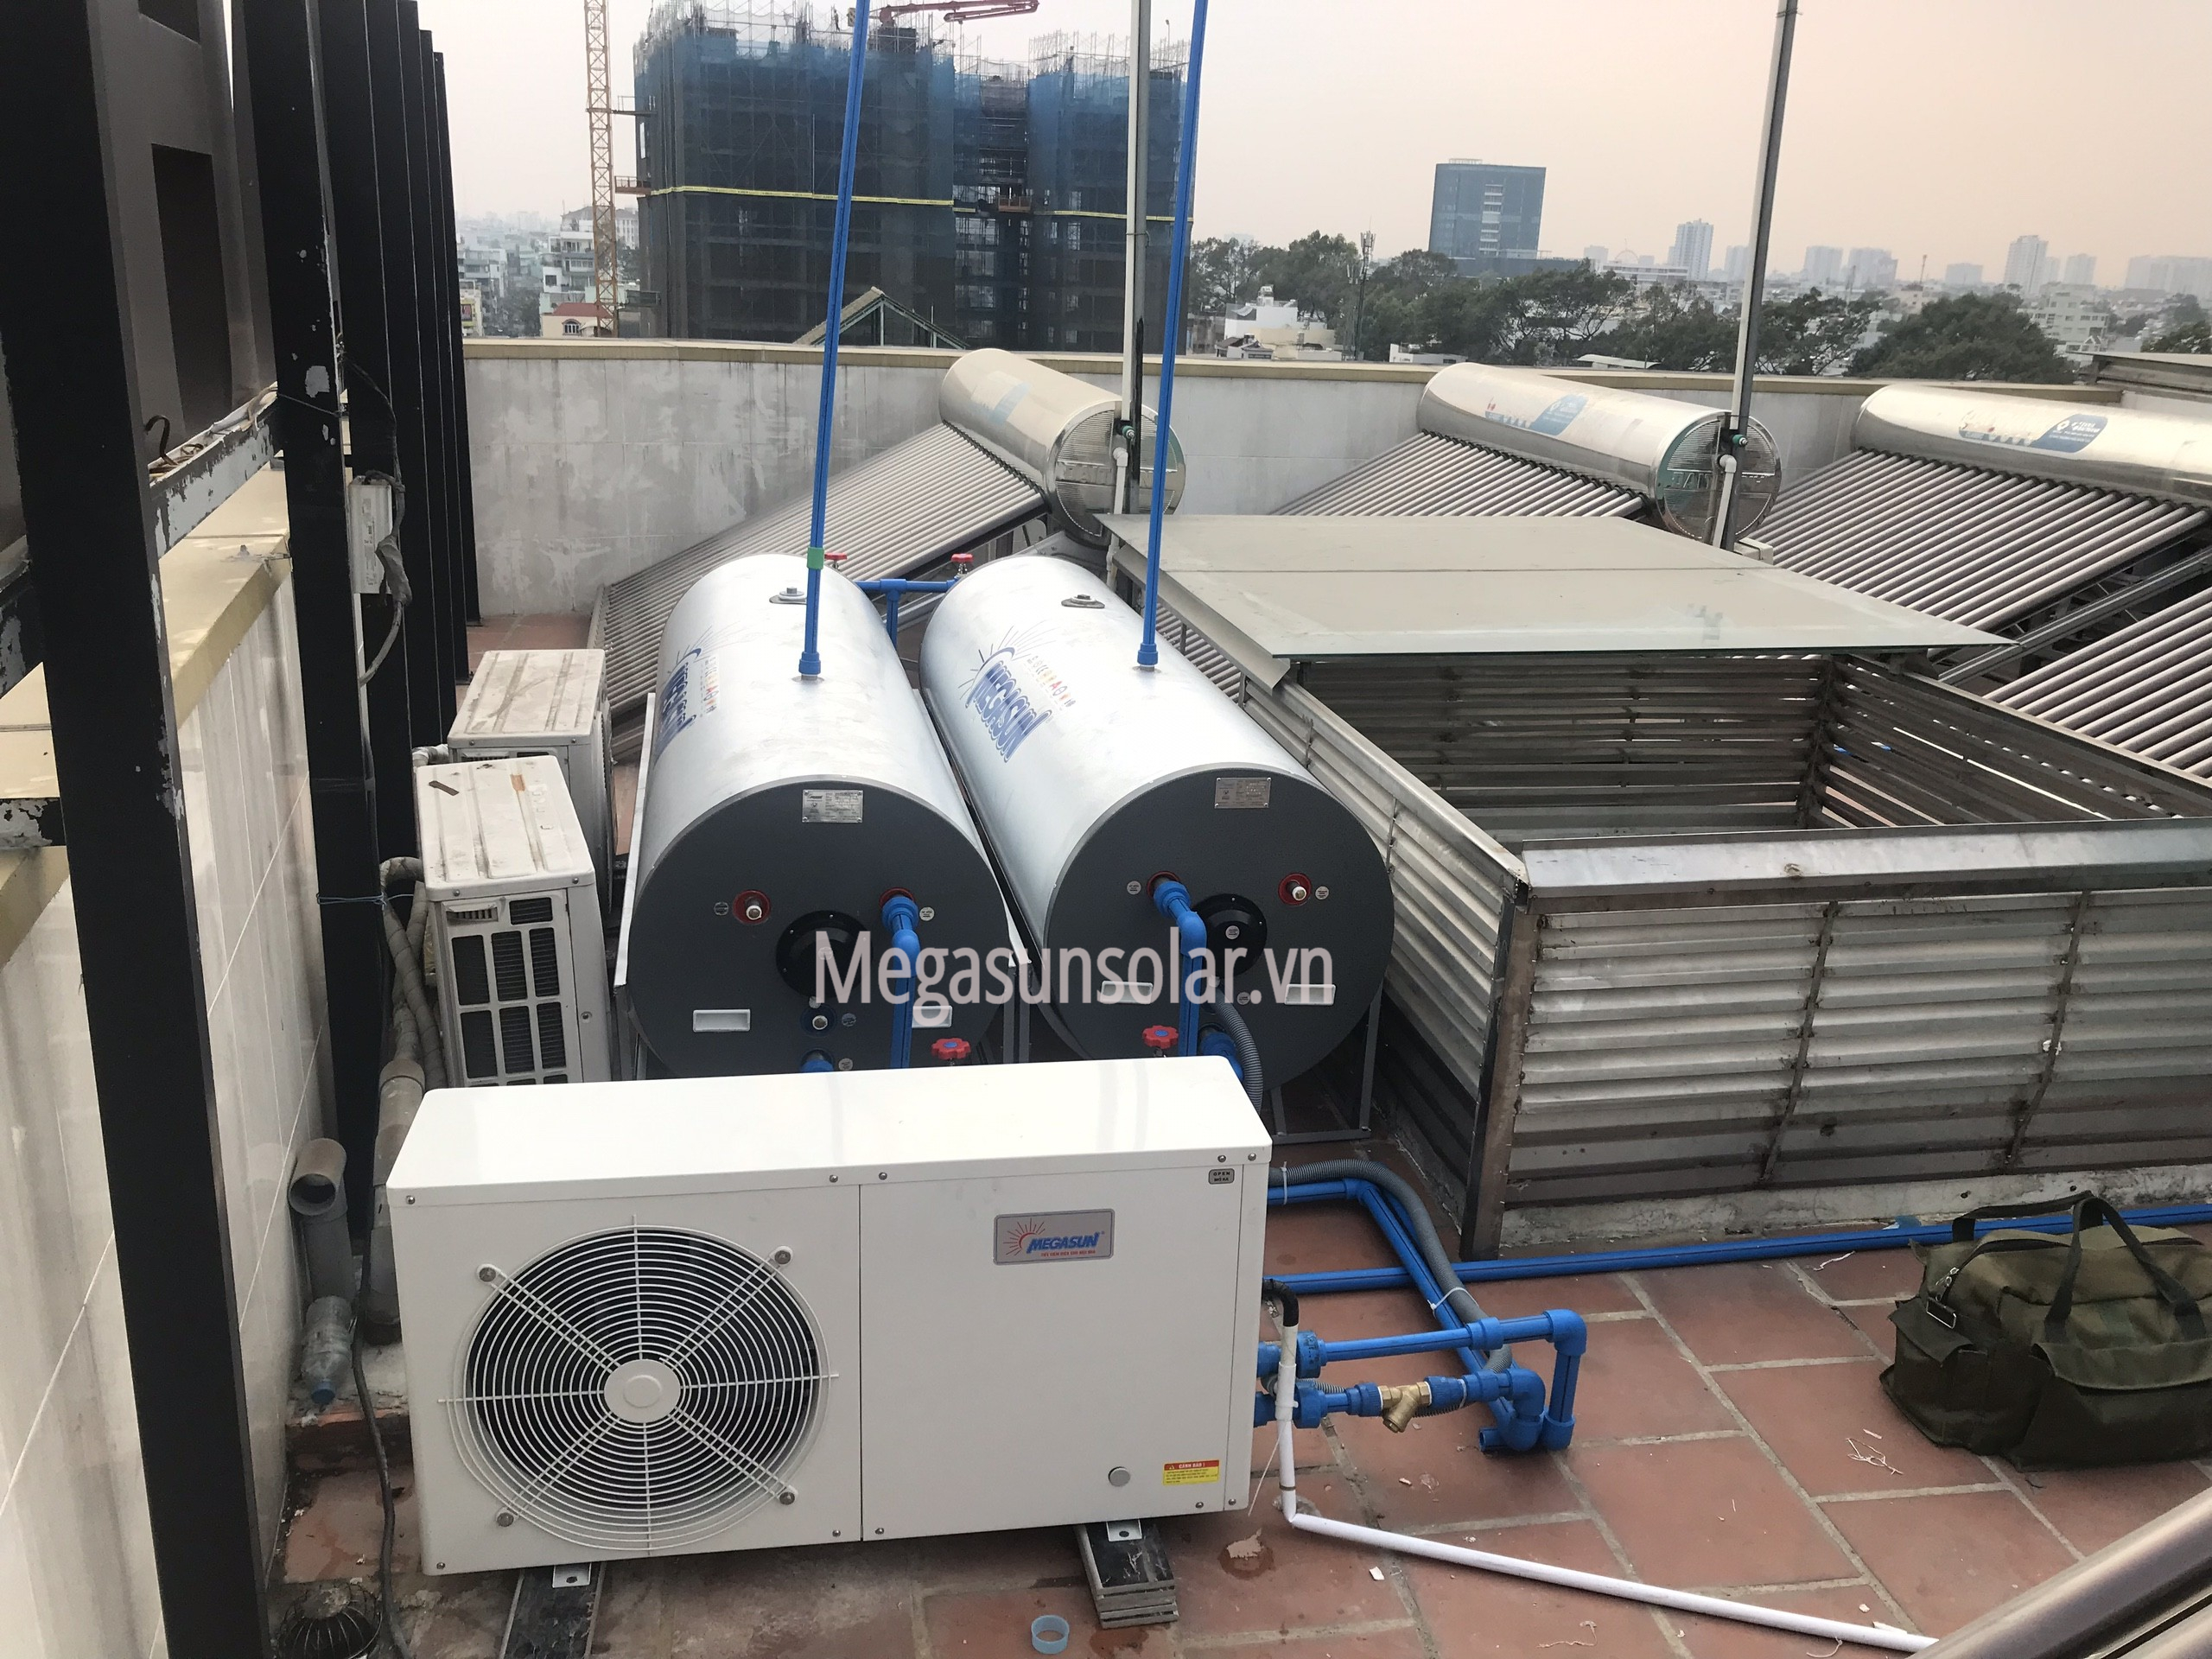 Khách sạn Golda - Dự án công nghiệp Megasun